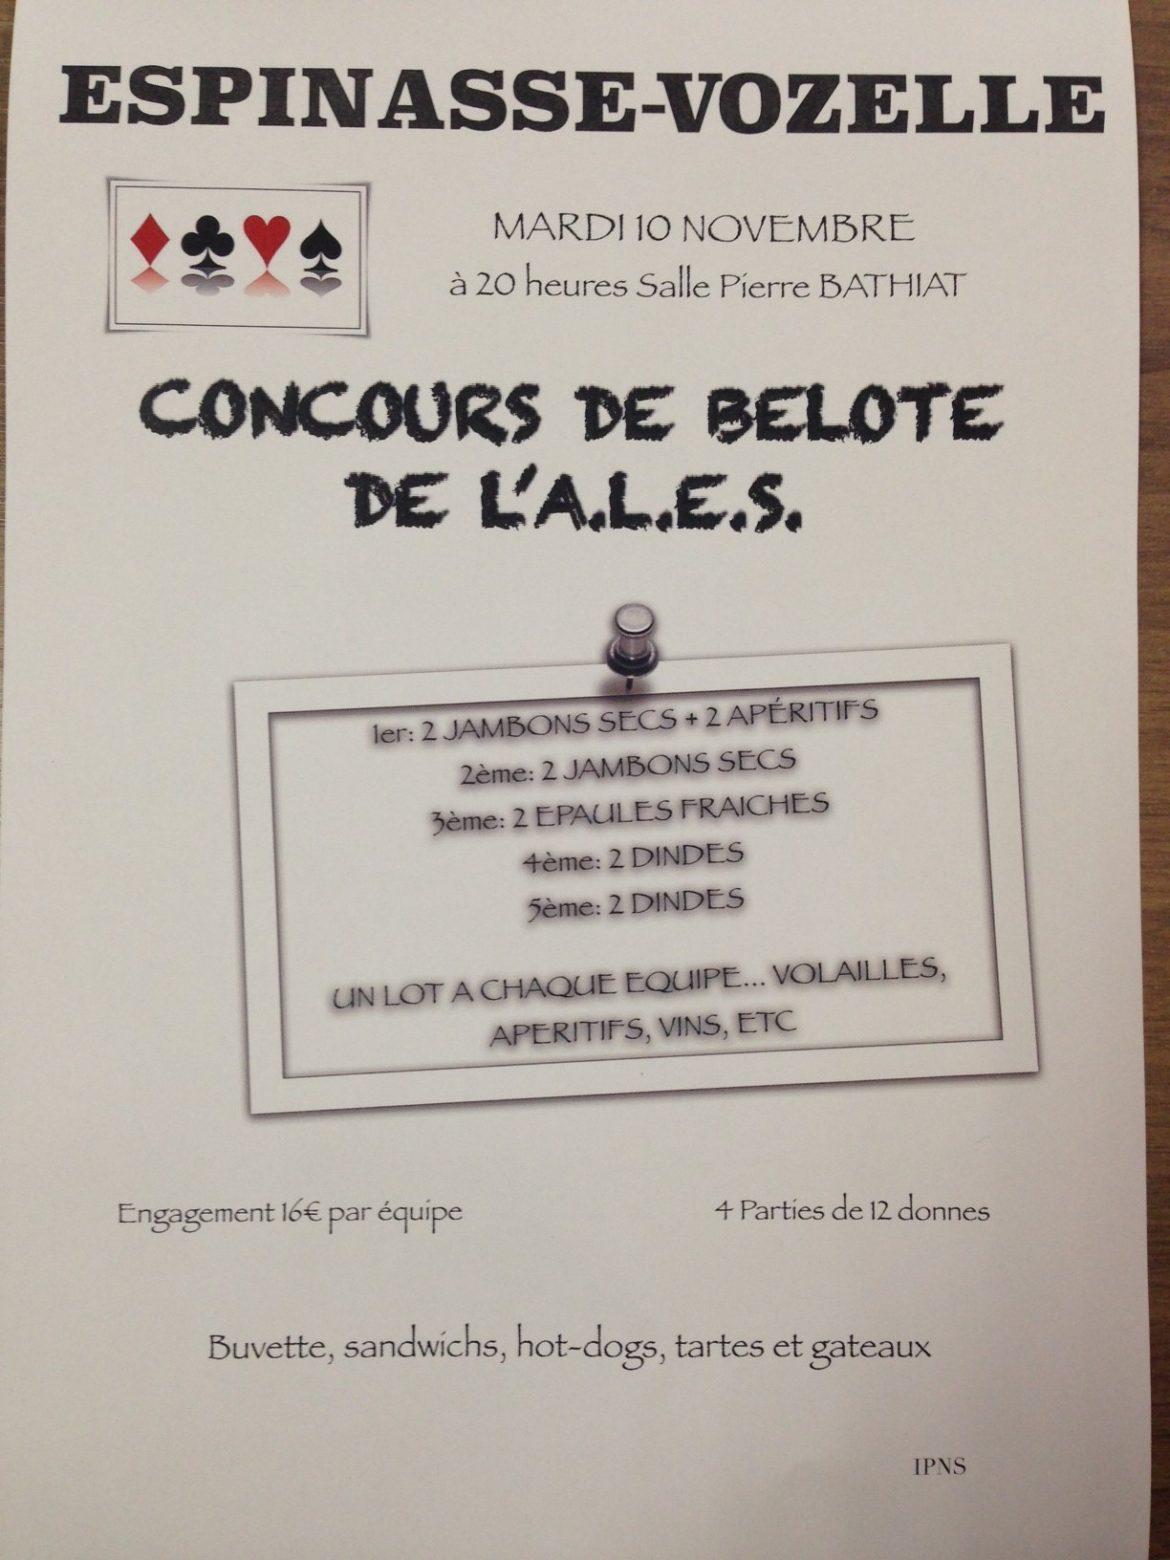 Concours de belote mardi 10 novembre 2015 à Espinasse-Vozelle